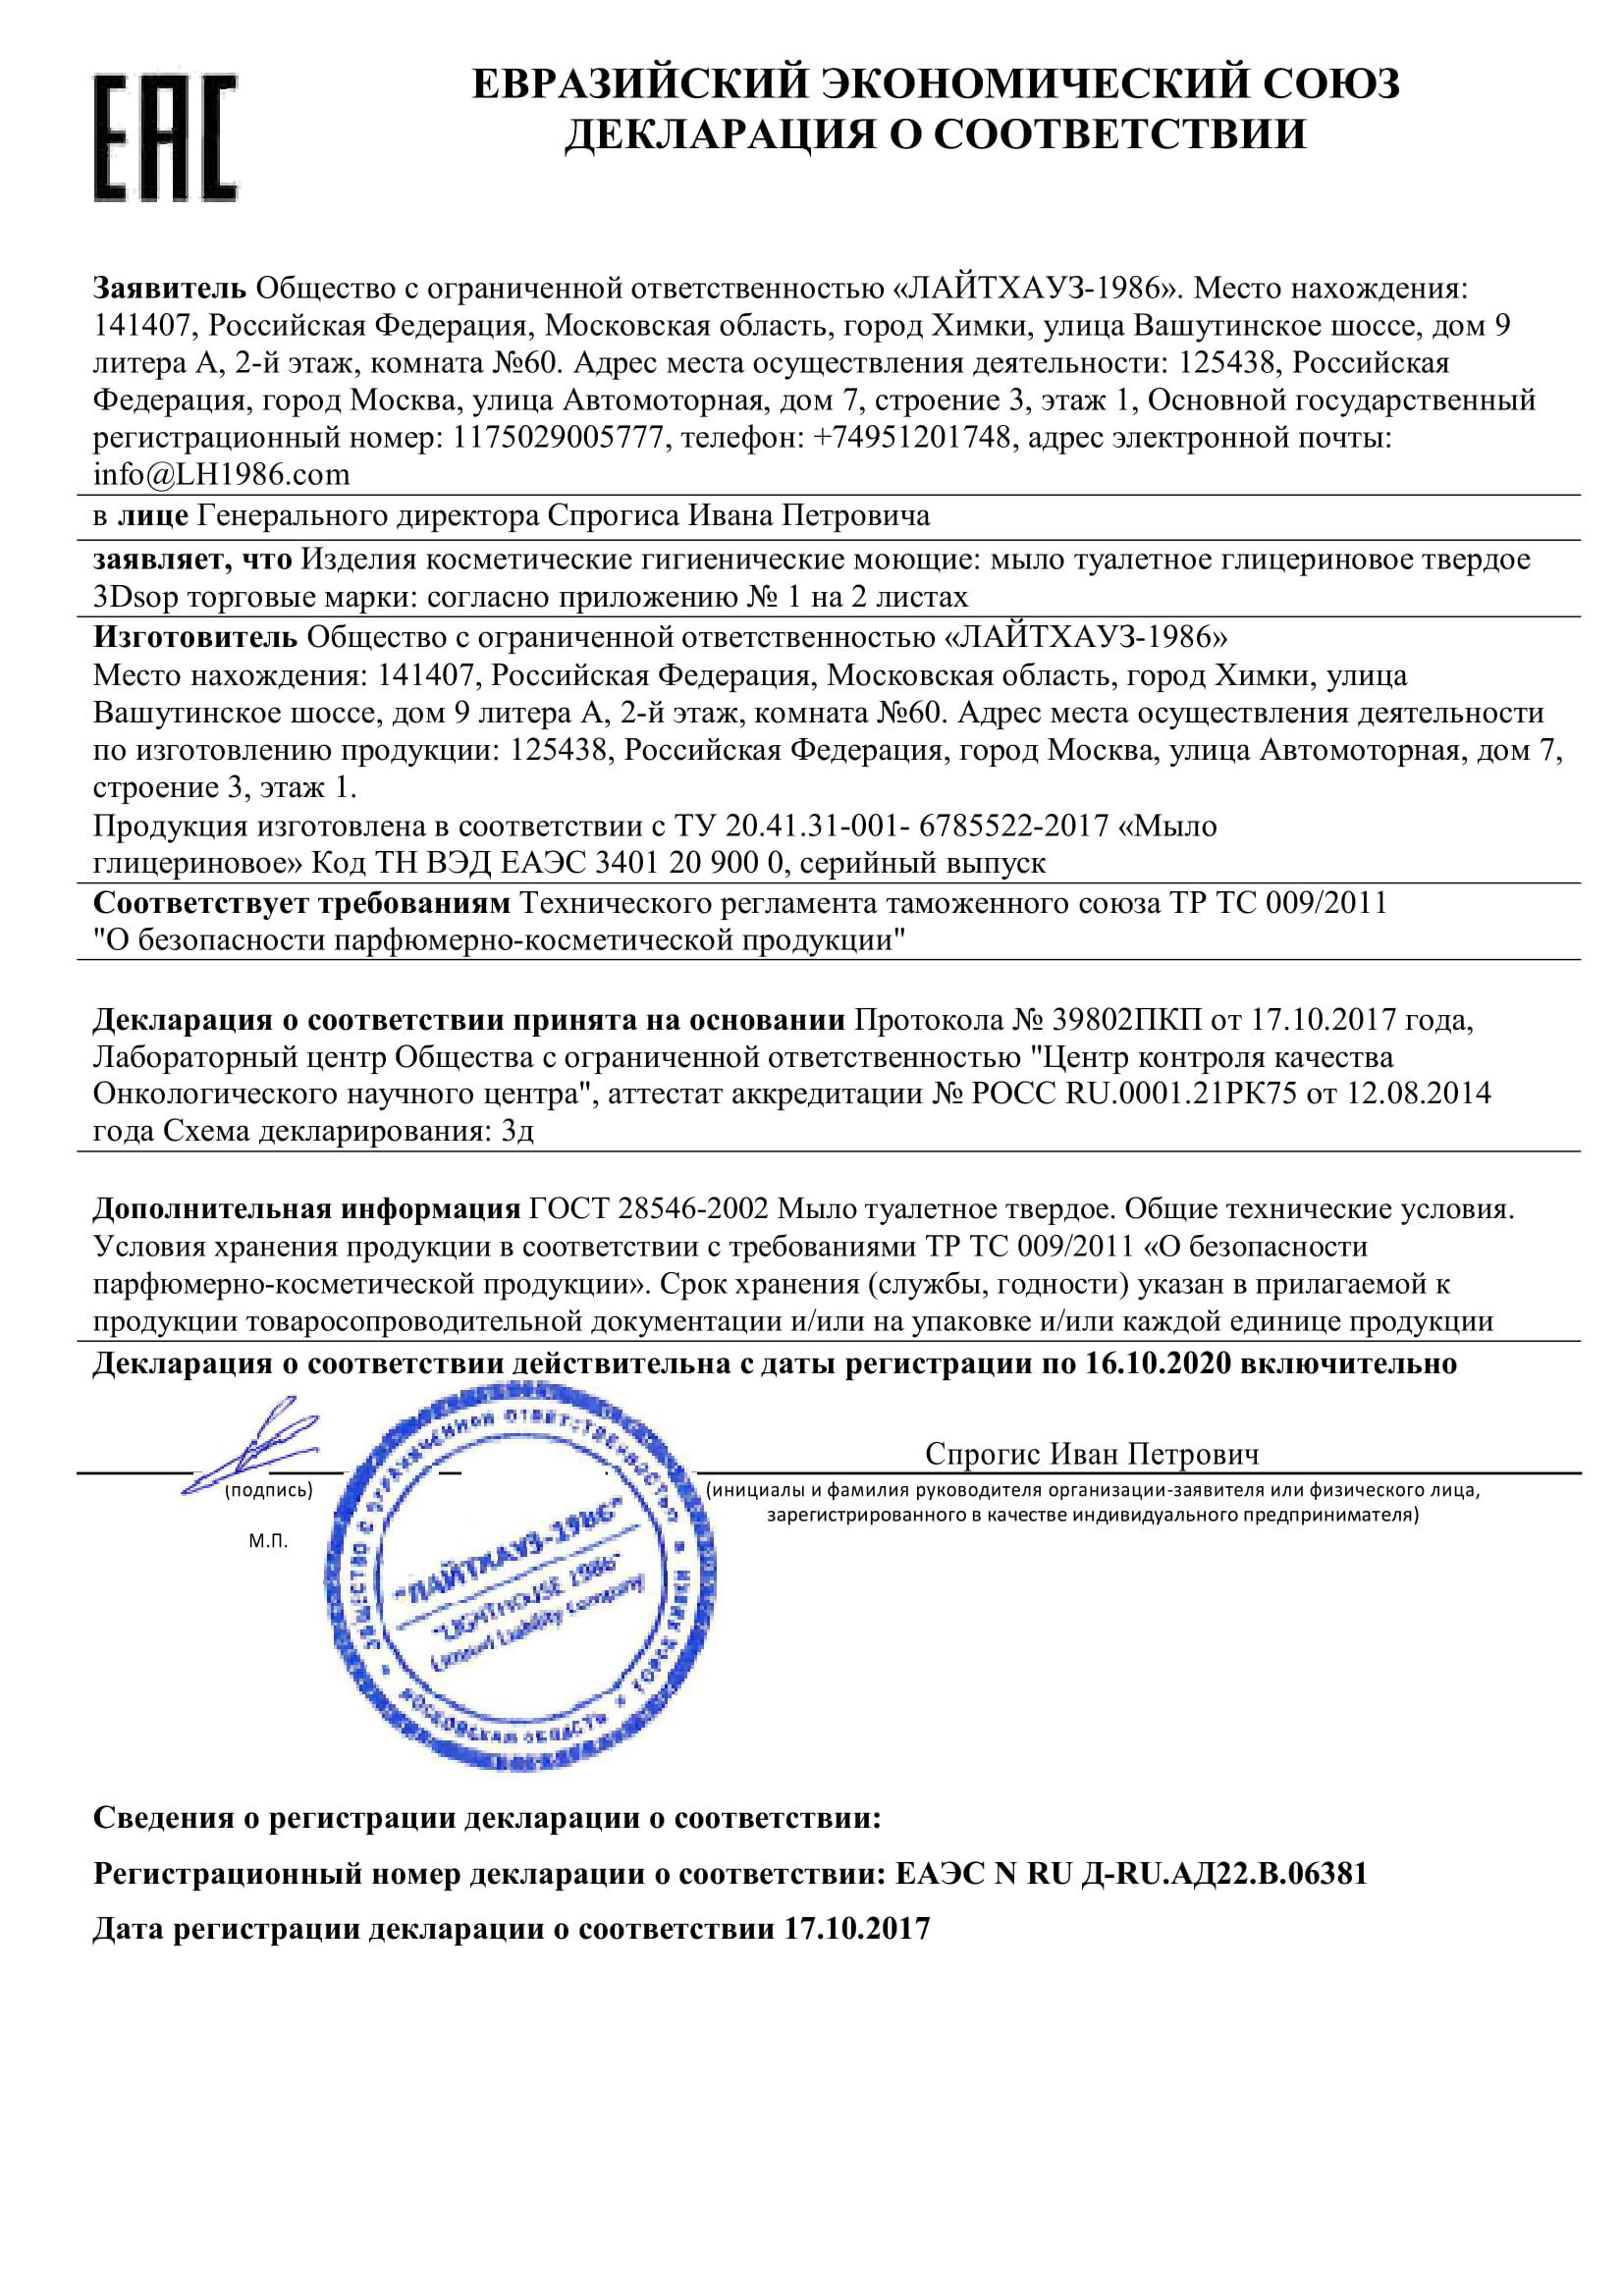 Декларация_о_соответствии_ЕАЭС__2_c_печатью-1.jpg